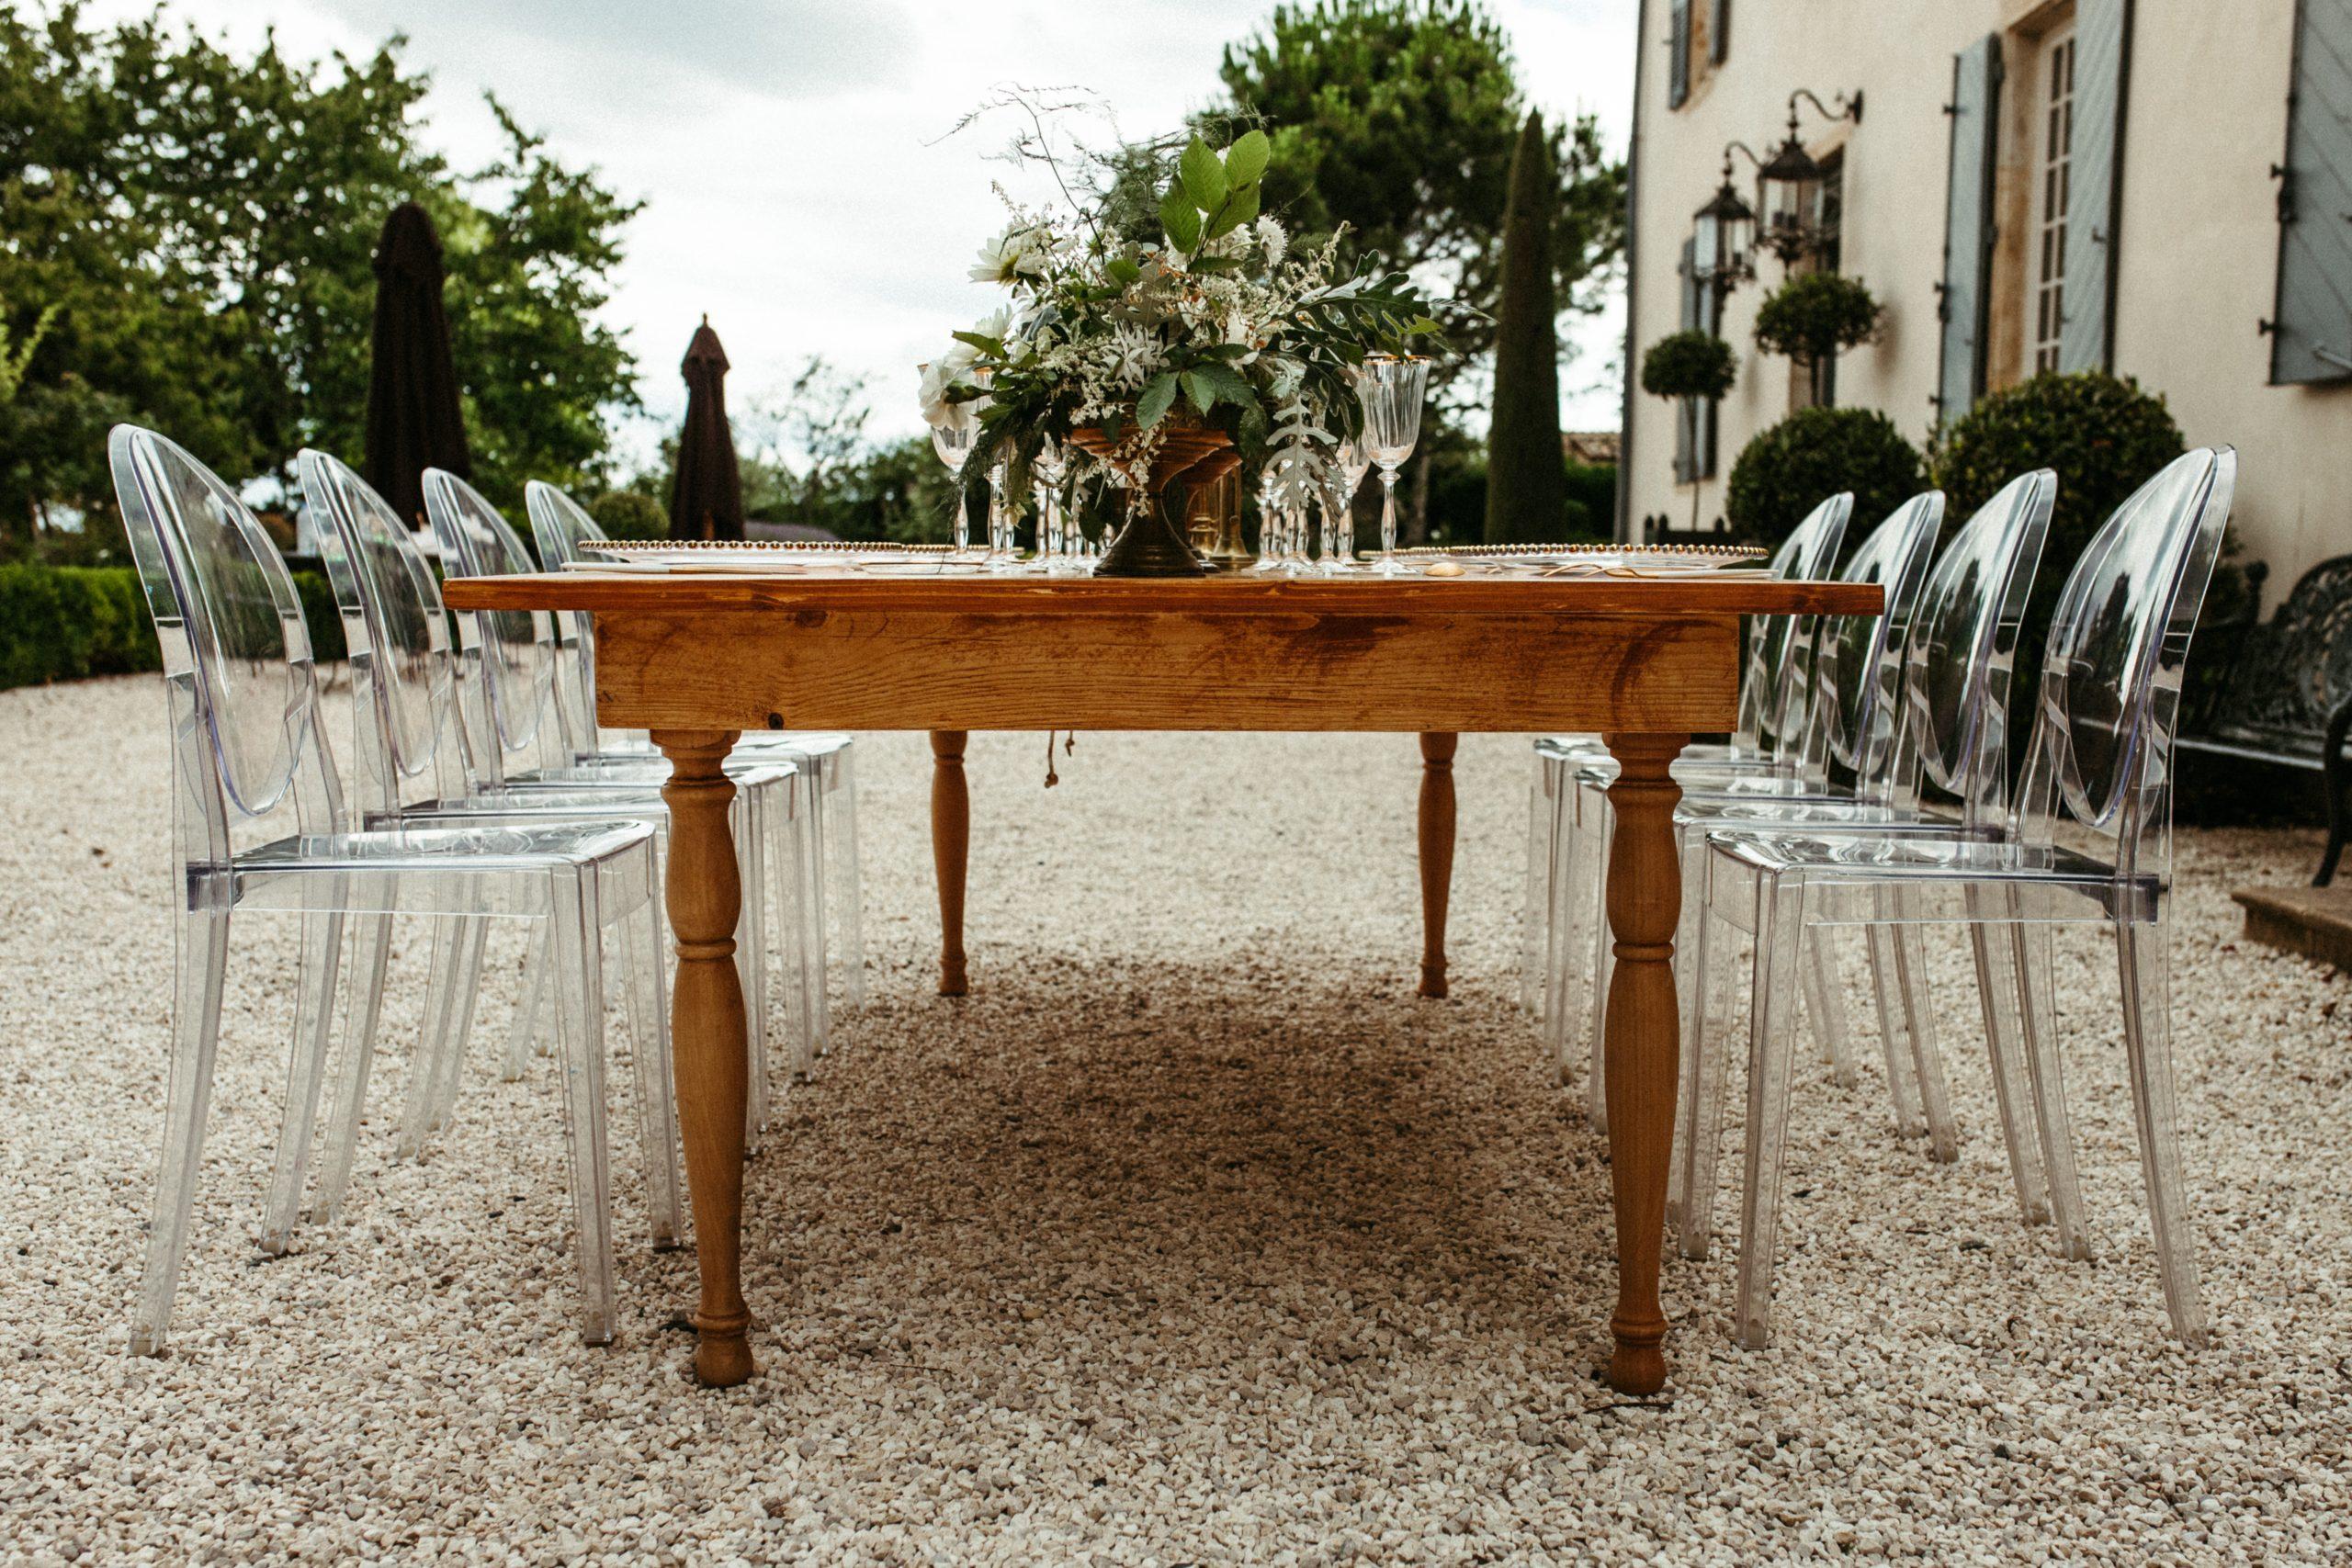 UTOPICLOVERS20200702 – EDITO Jérémie Sésanne Lajarveniere 8234 scaled - Un mariage élégant et végétal dans le Beaujolais